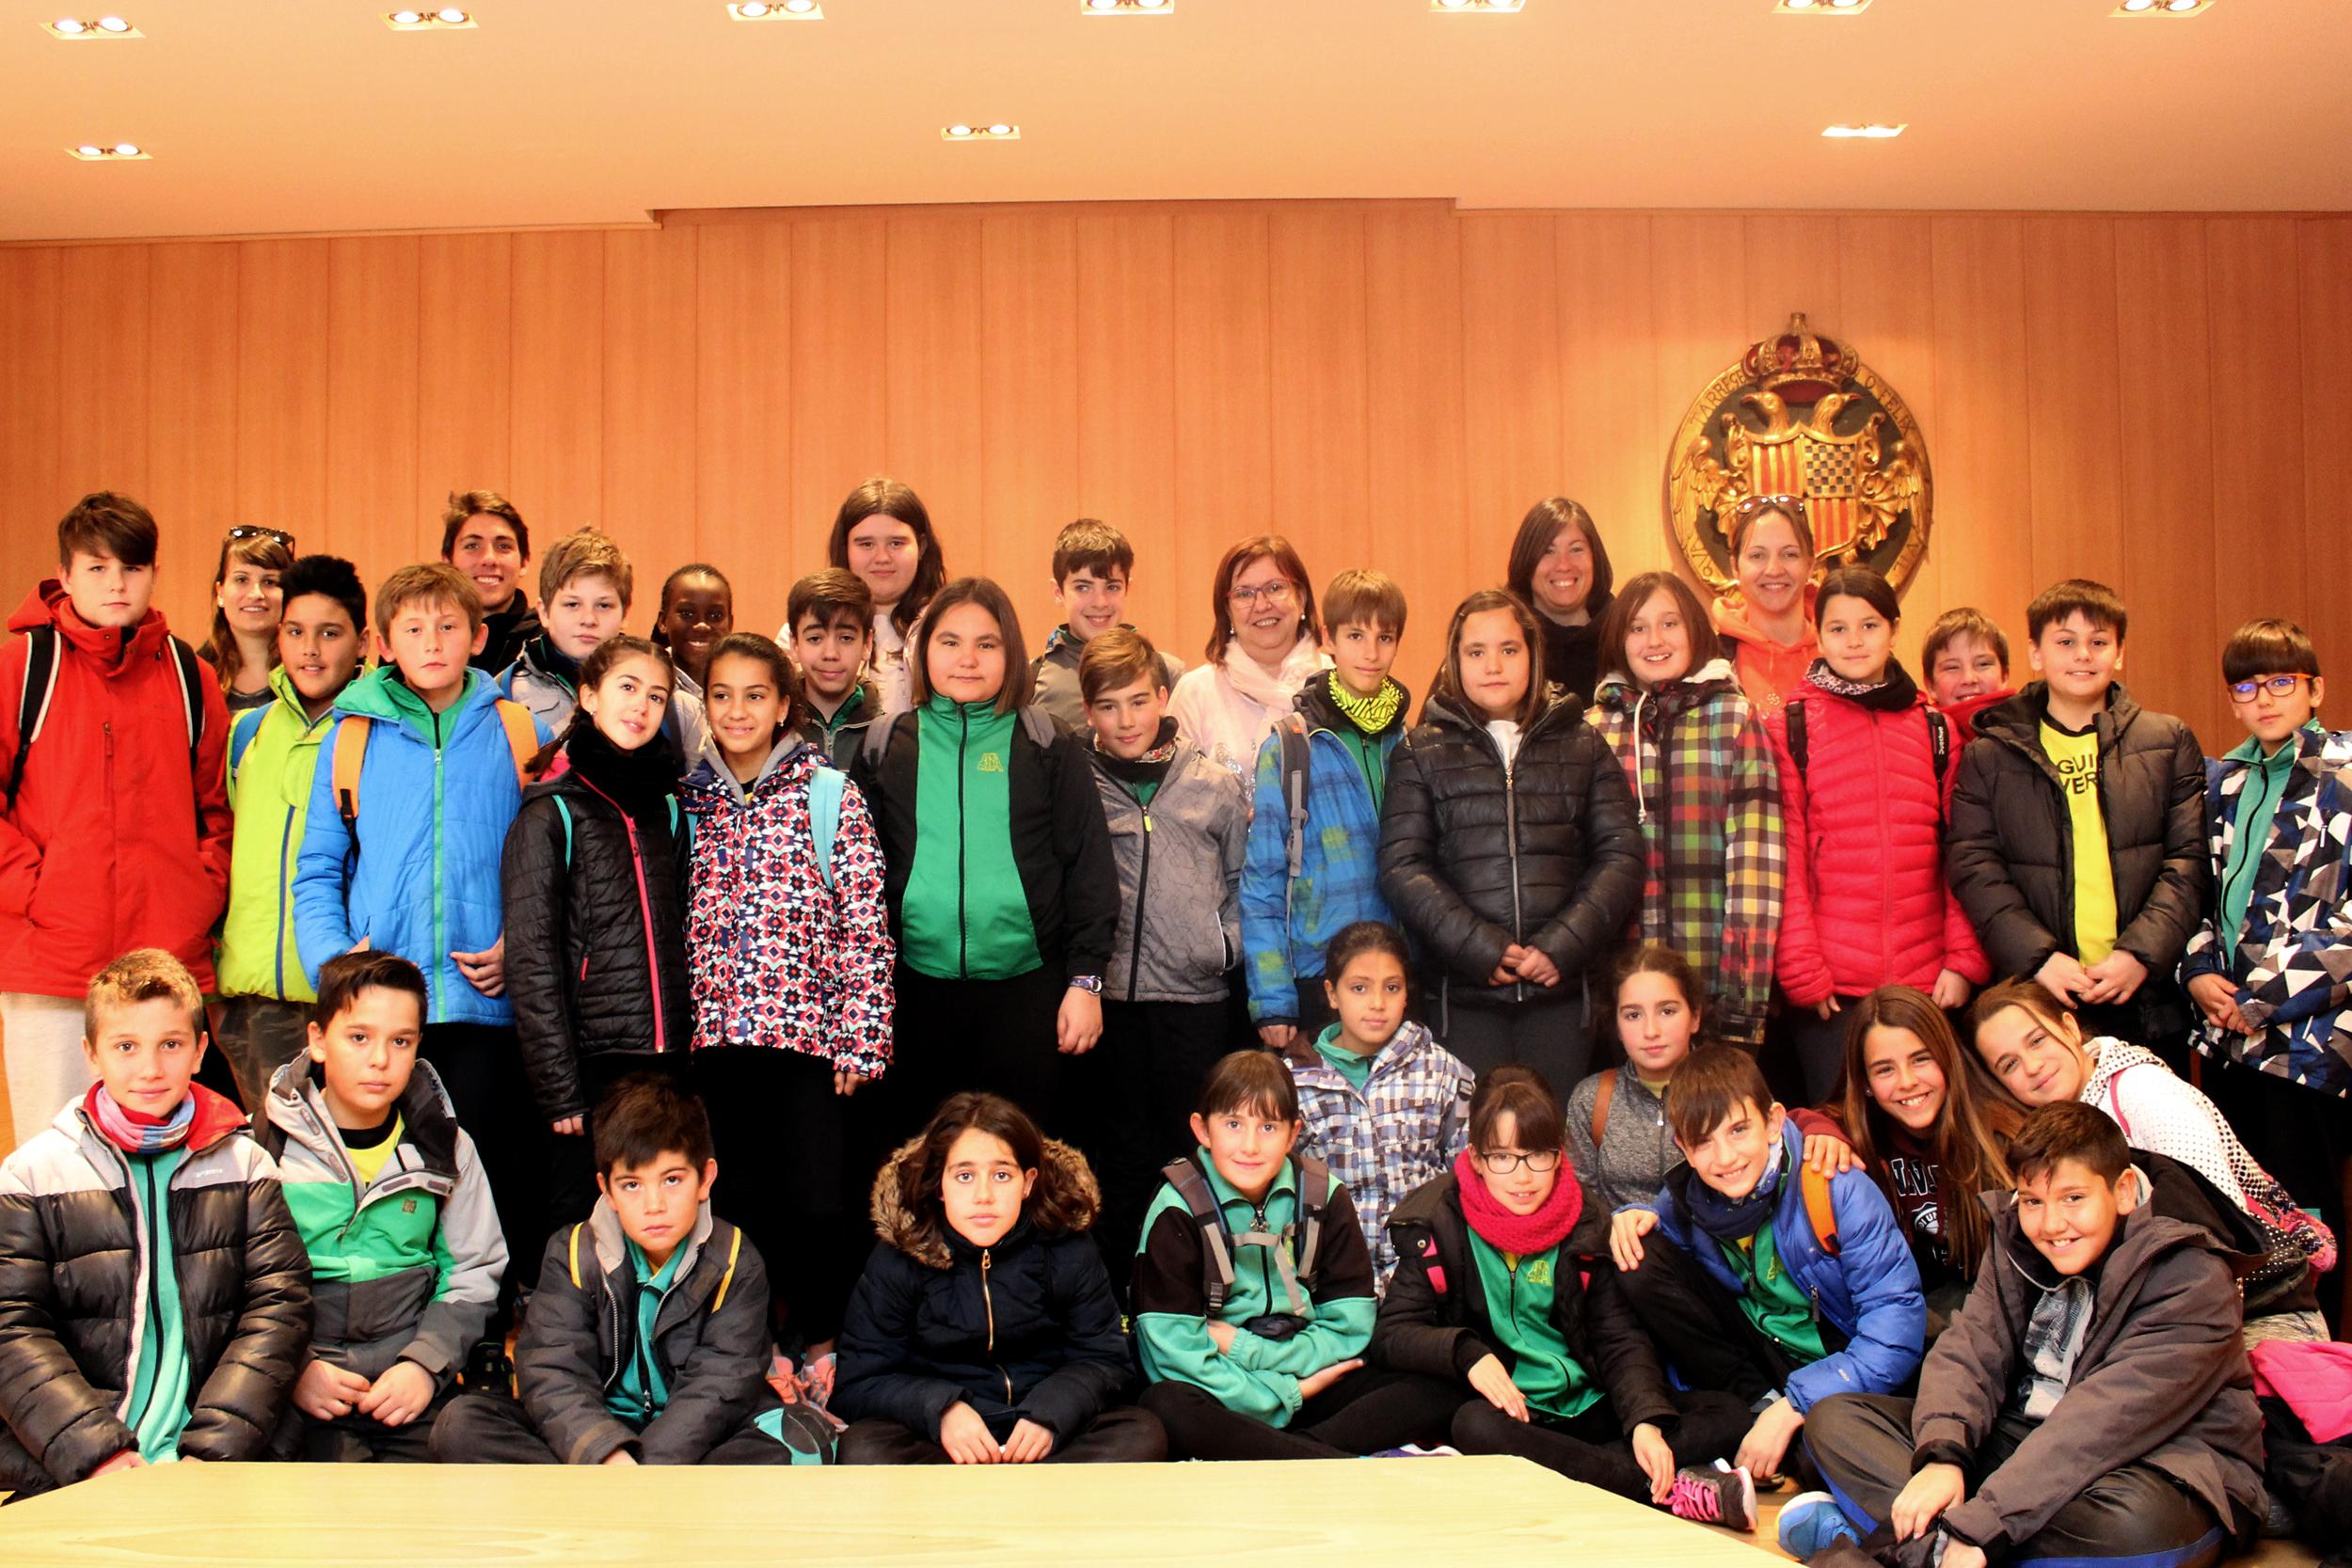 Visita d'alumnes de l'Escola Rural de Guimerà, Ciutadilla, Verdú i Vilagrassa a la Casa Consistorial de Tàrrega